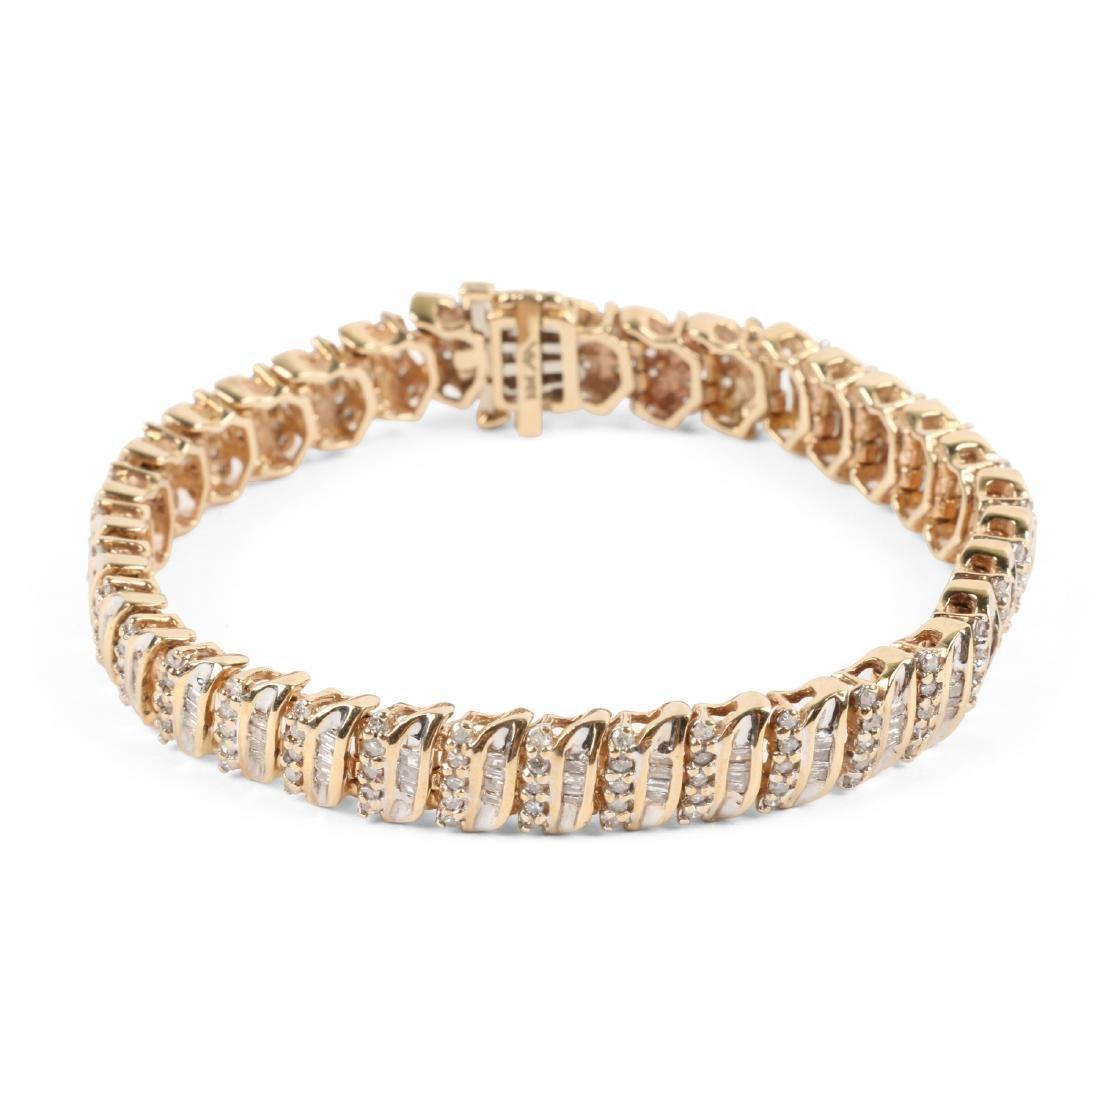 A 10K Yellow Gold, Diamond Bracelet